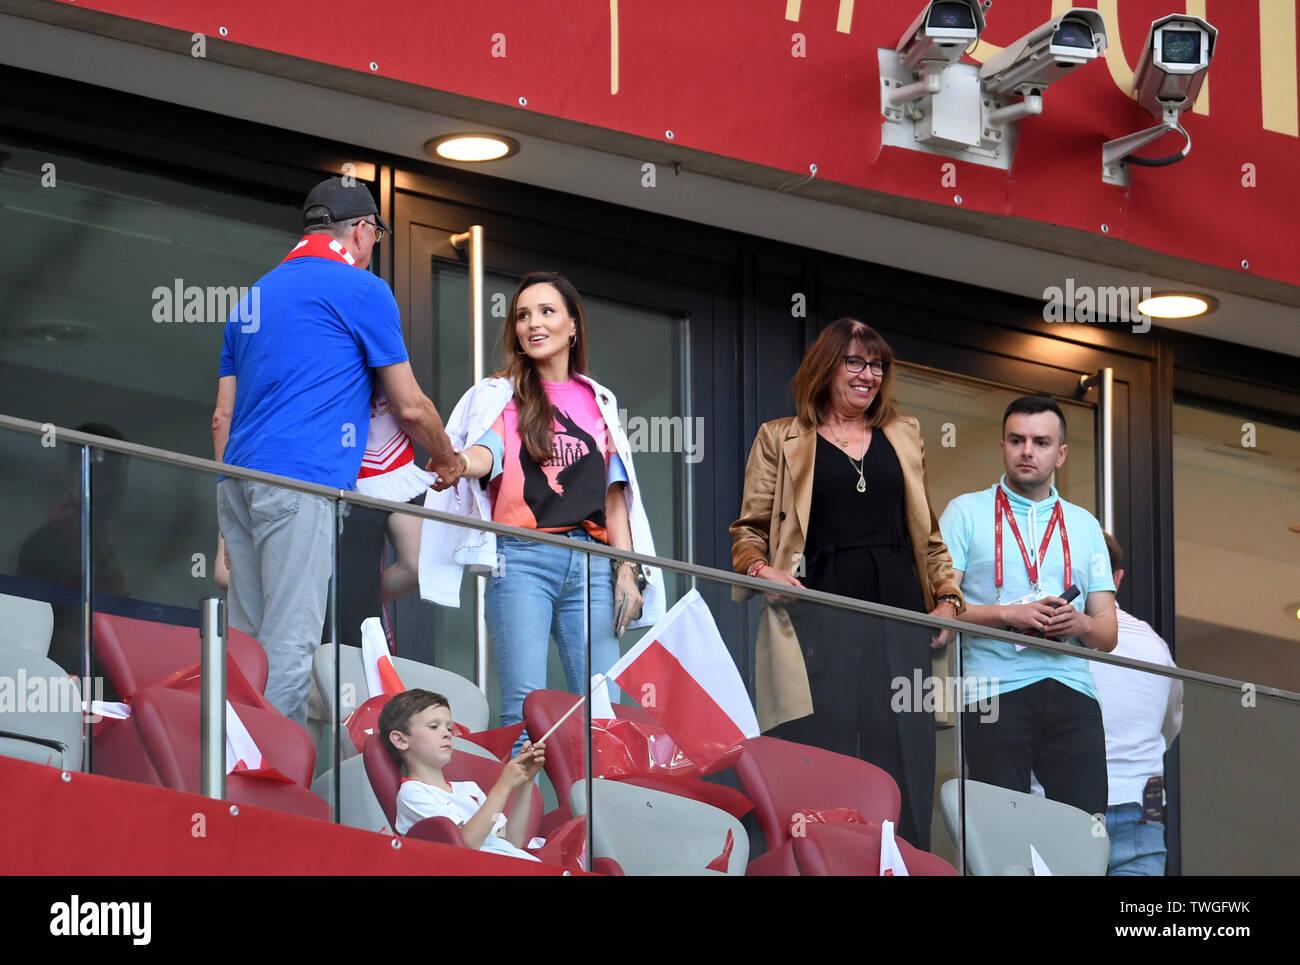 Warsaw, Poland, June 10, 2019: EURO 2020 qualifing round, group stage, Poland wins 4:0 with Izarel on PGE Narodowy. Marina Luczenko - Szczesny Wojciech Szczesny (Poland) - Stock Image